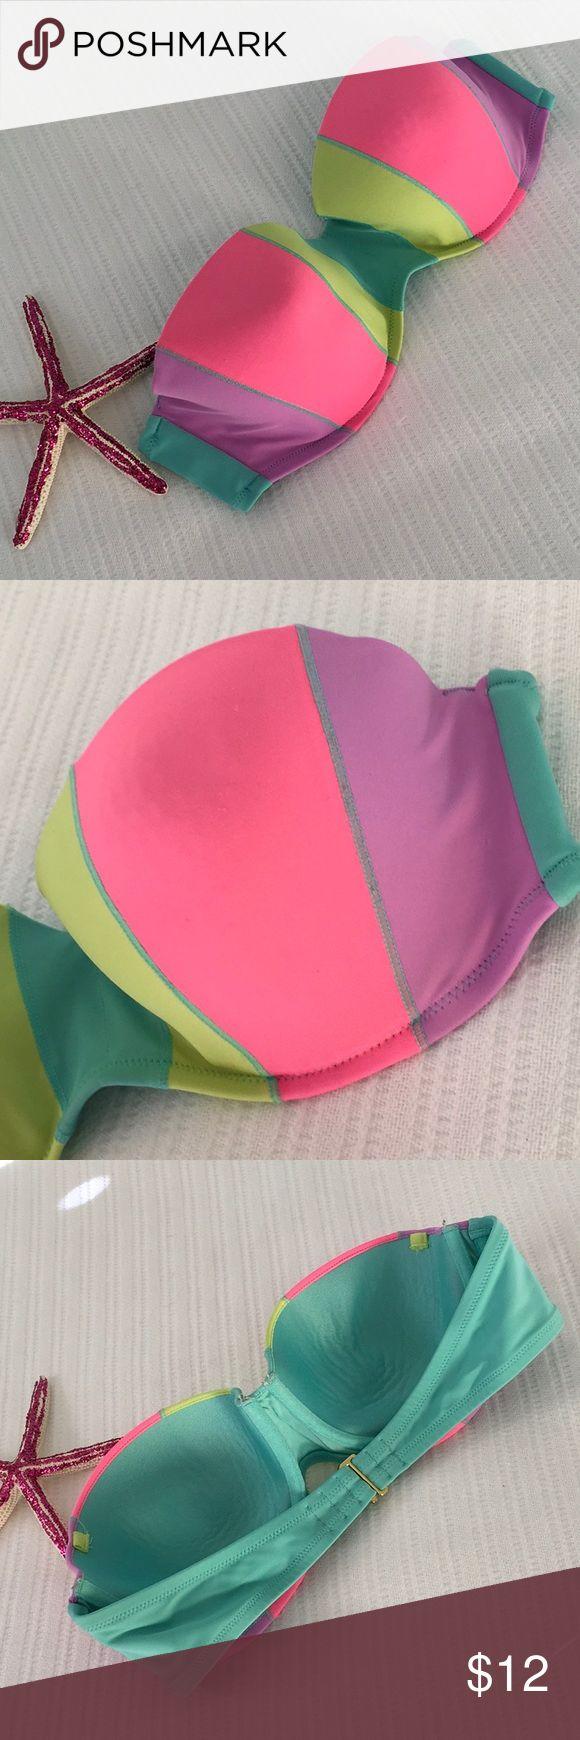 VS Bikini Top 👙☀️ Preloved but in good condition!  Non smoker home and I give bundle discounts! Victoria's Secret Swim Bikinis